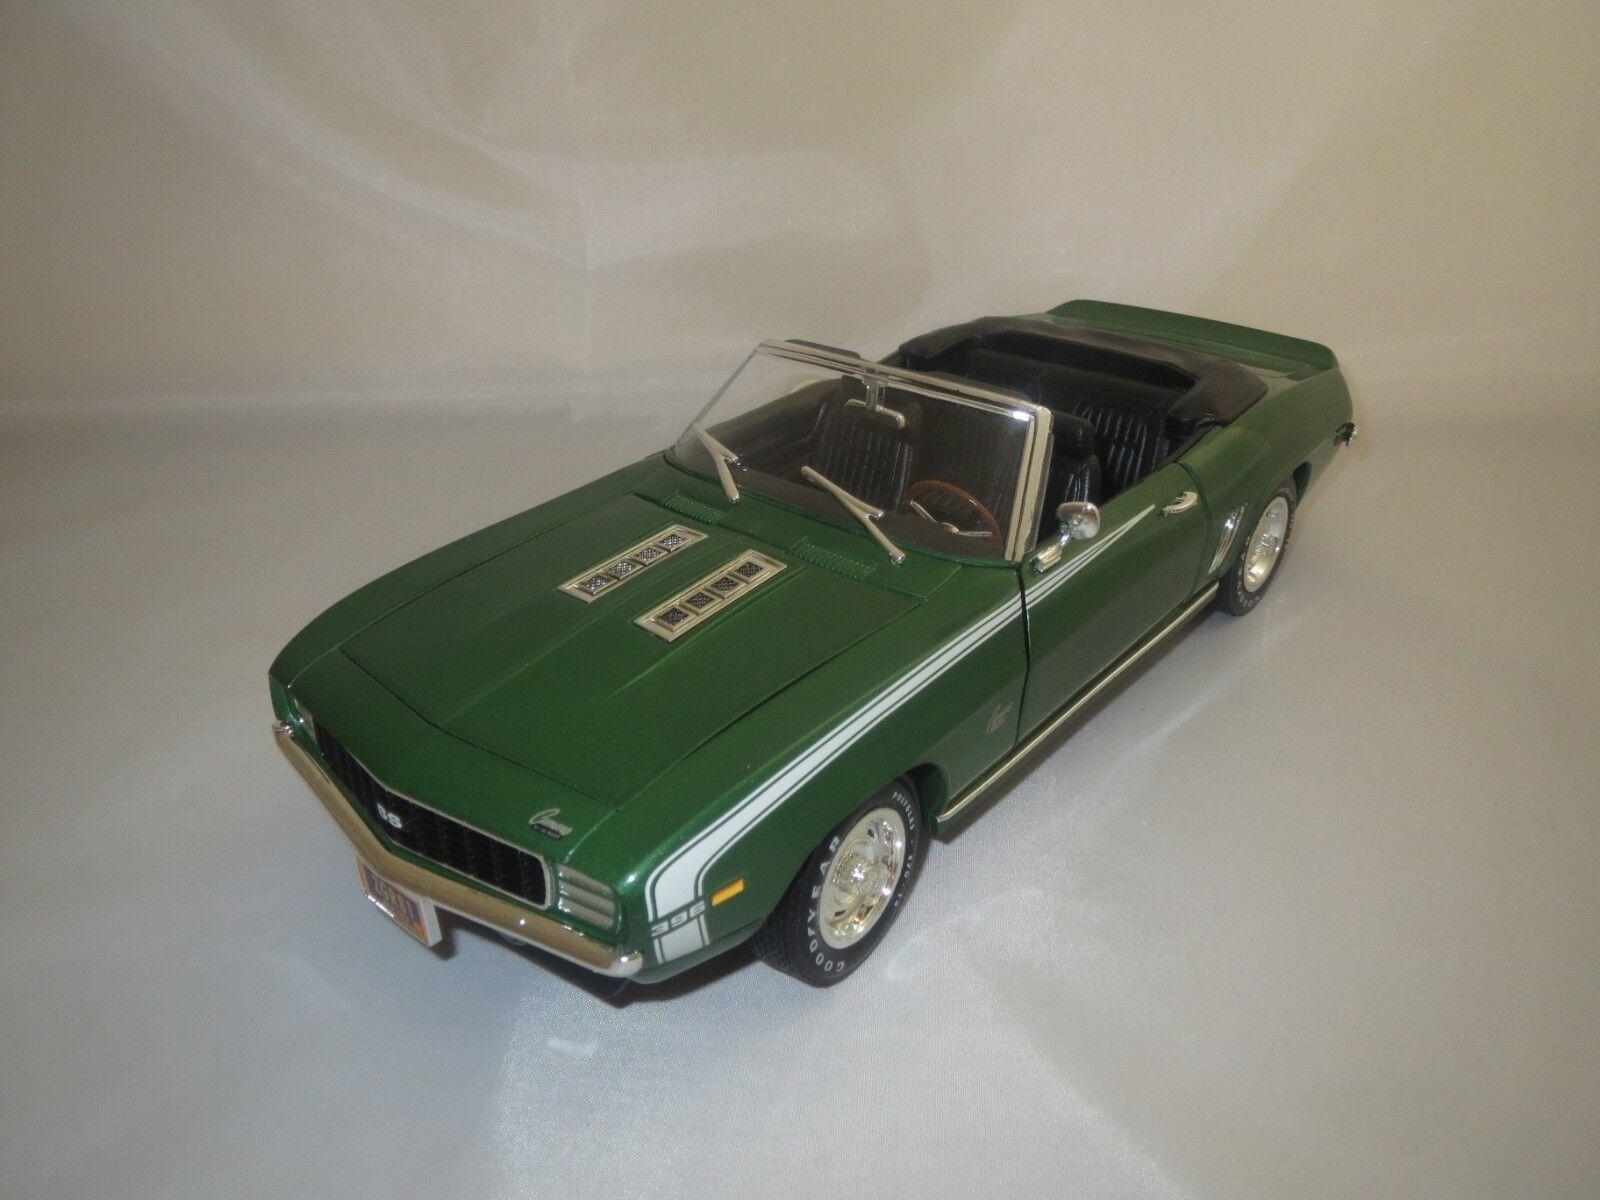 mejor marca Ertl American American American muscle Chevrolet Camaro 396 SS  1969  1 18 sin embalaje   entrega de rayos